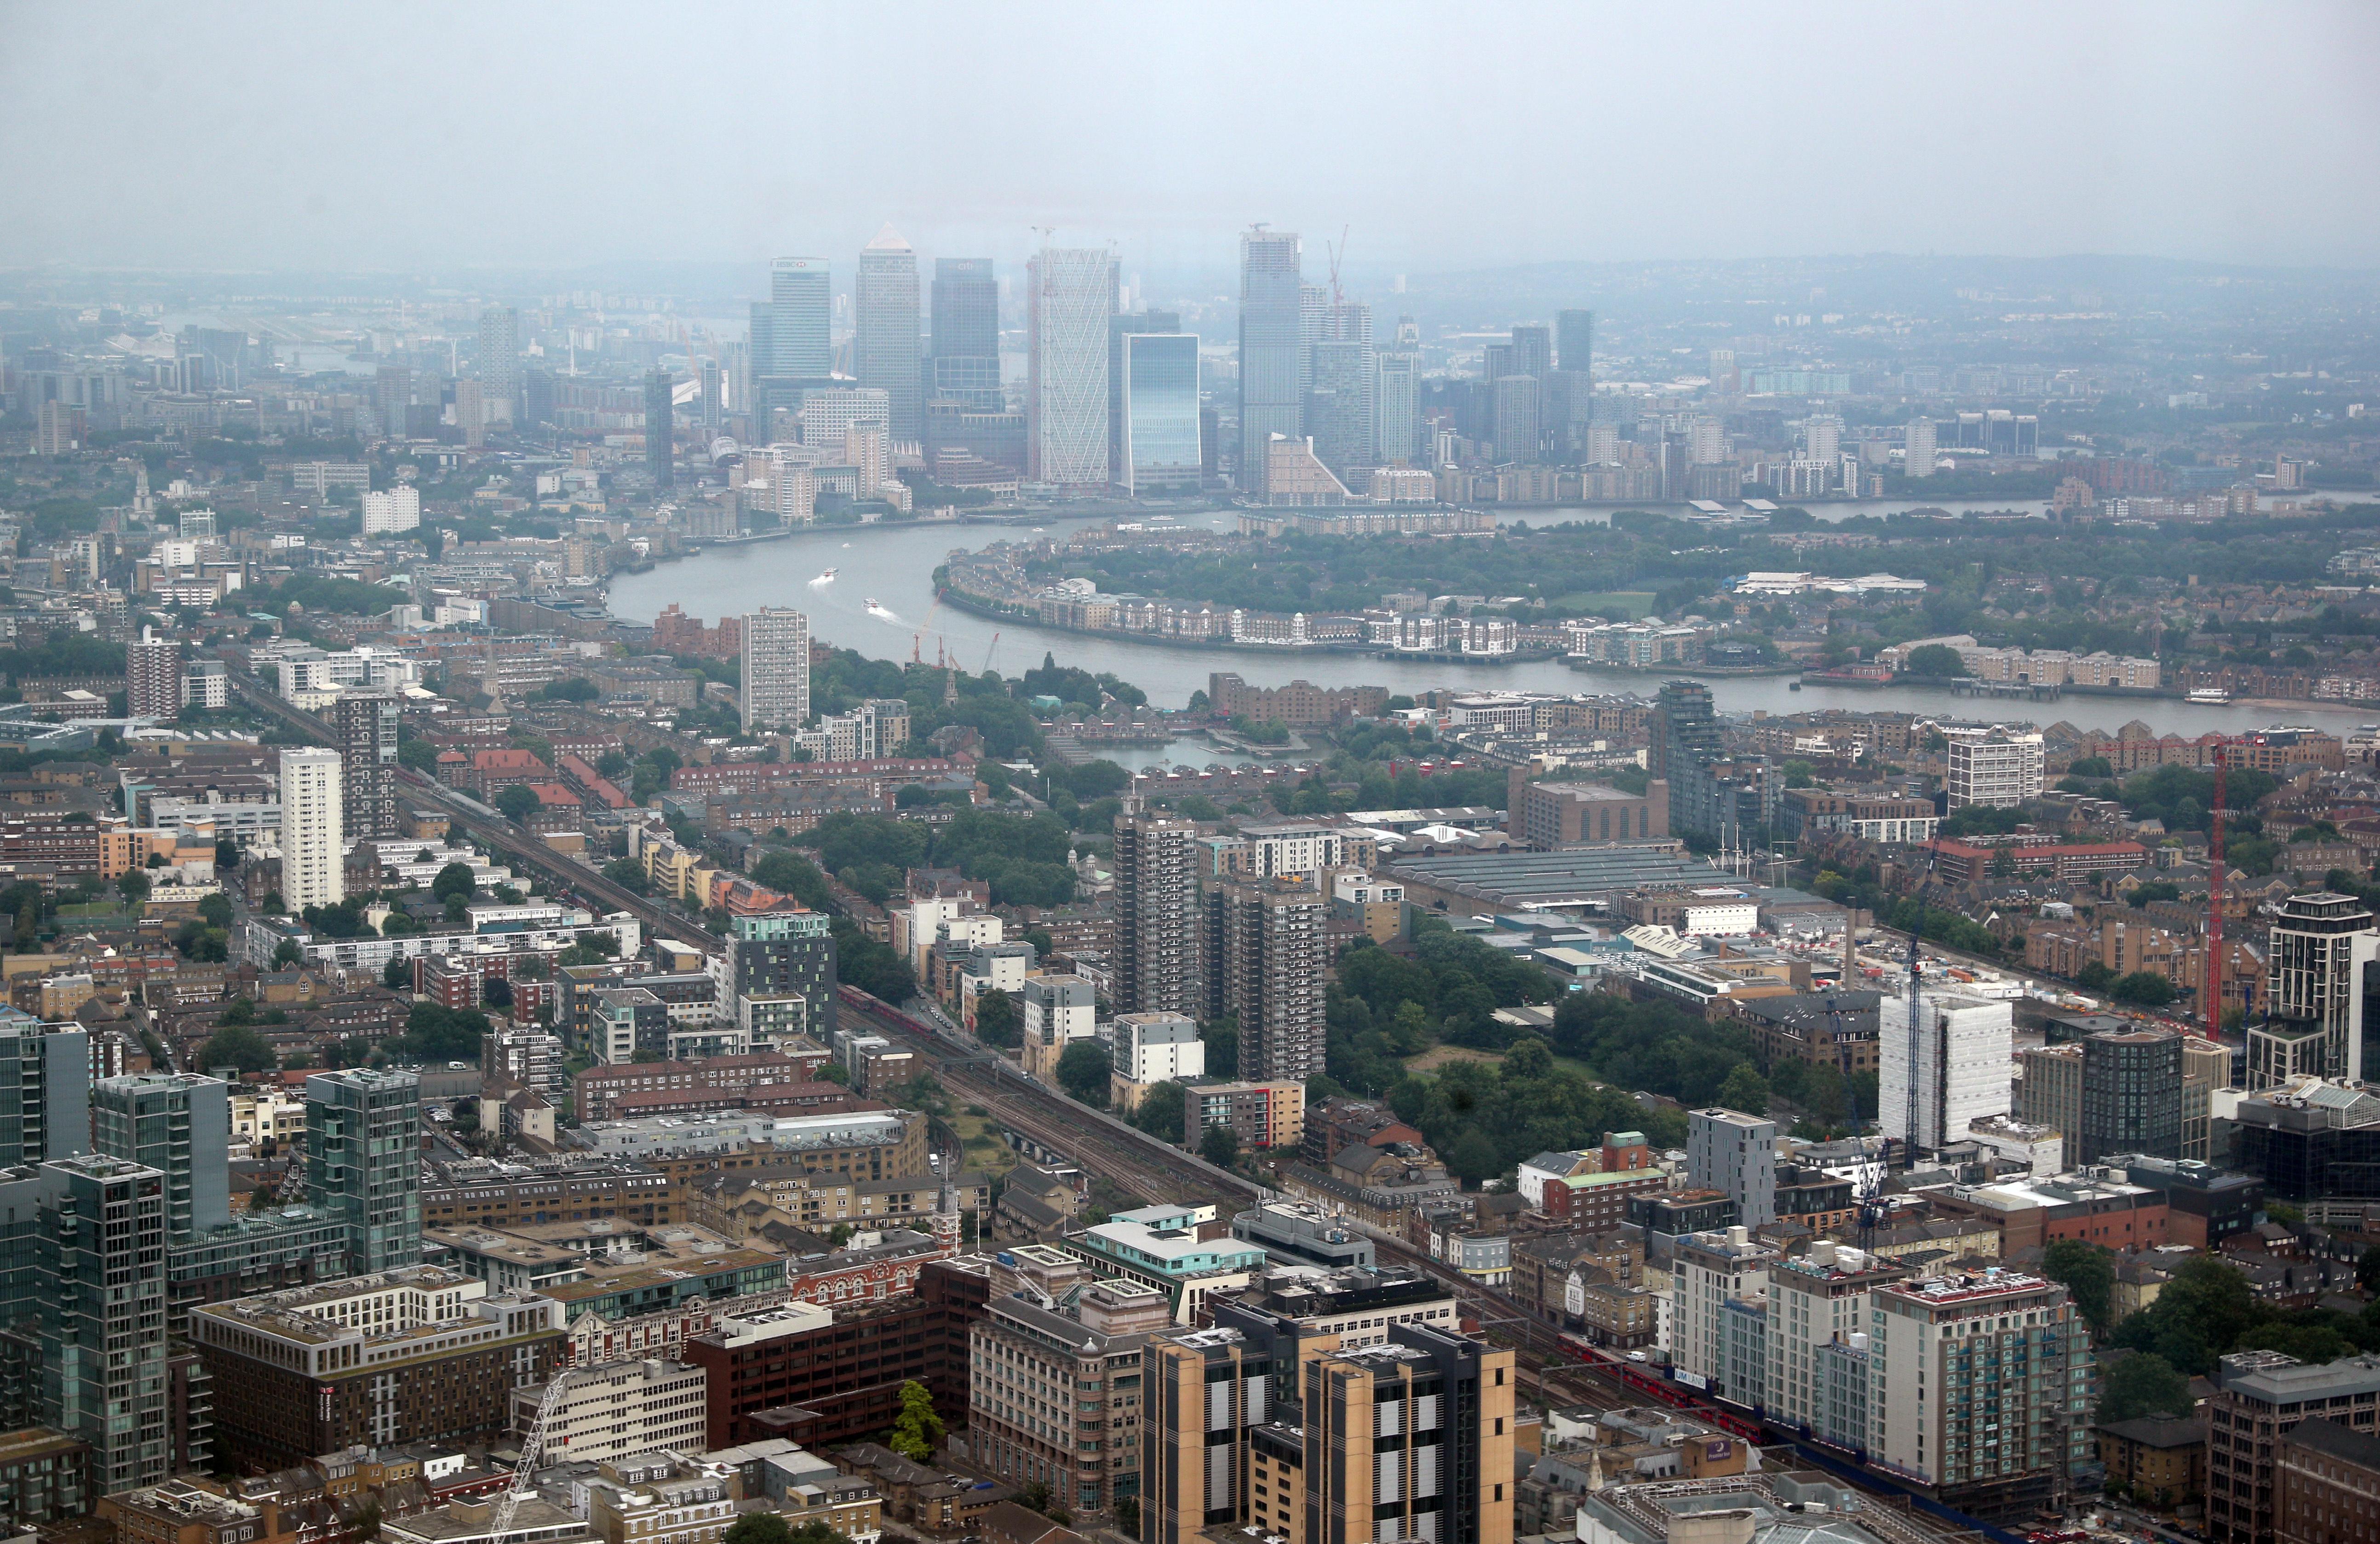 Brexit, weak global demand to hurt UK in 2020, industry warns